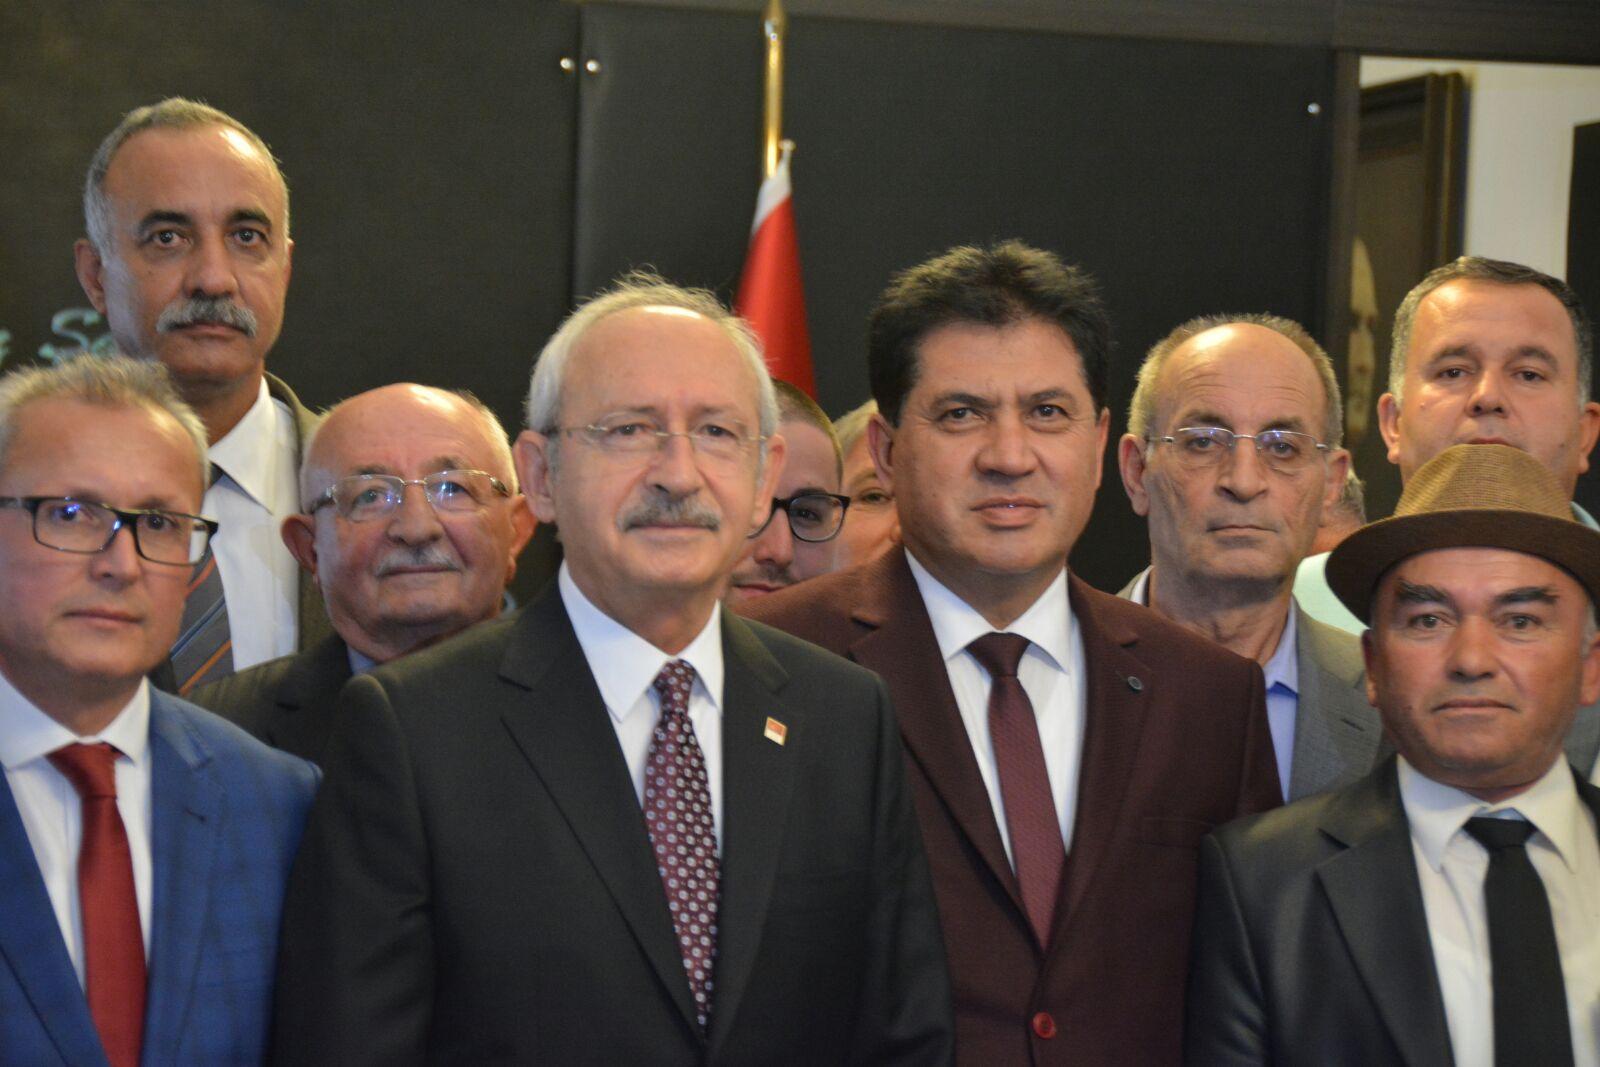 Başkan Gül: Görüşmeler çok verimli geçti